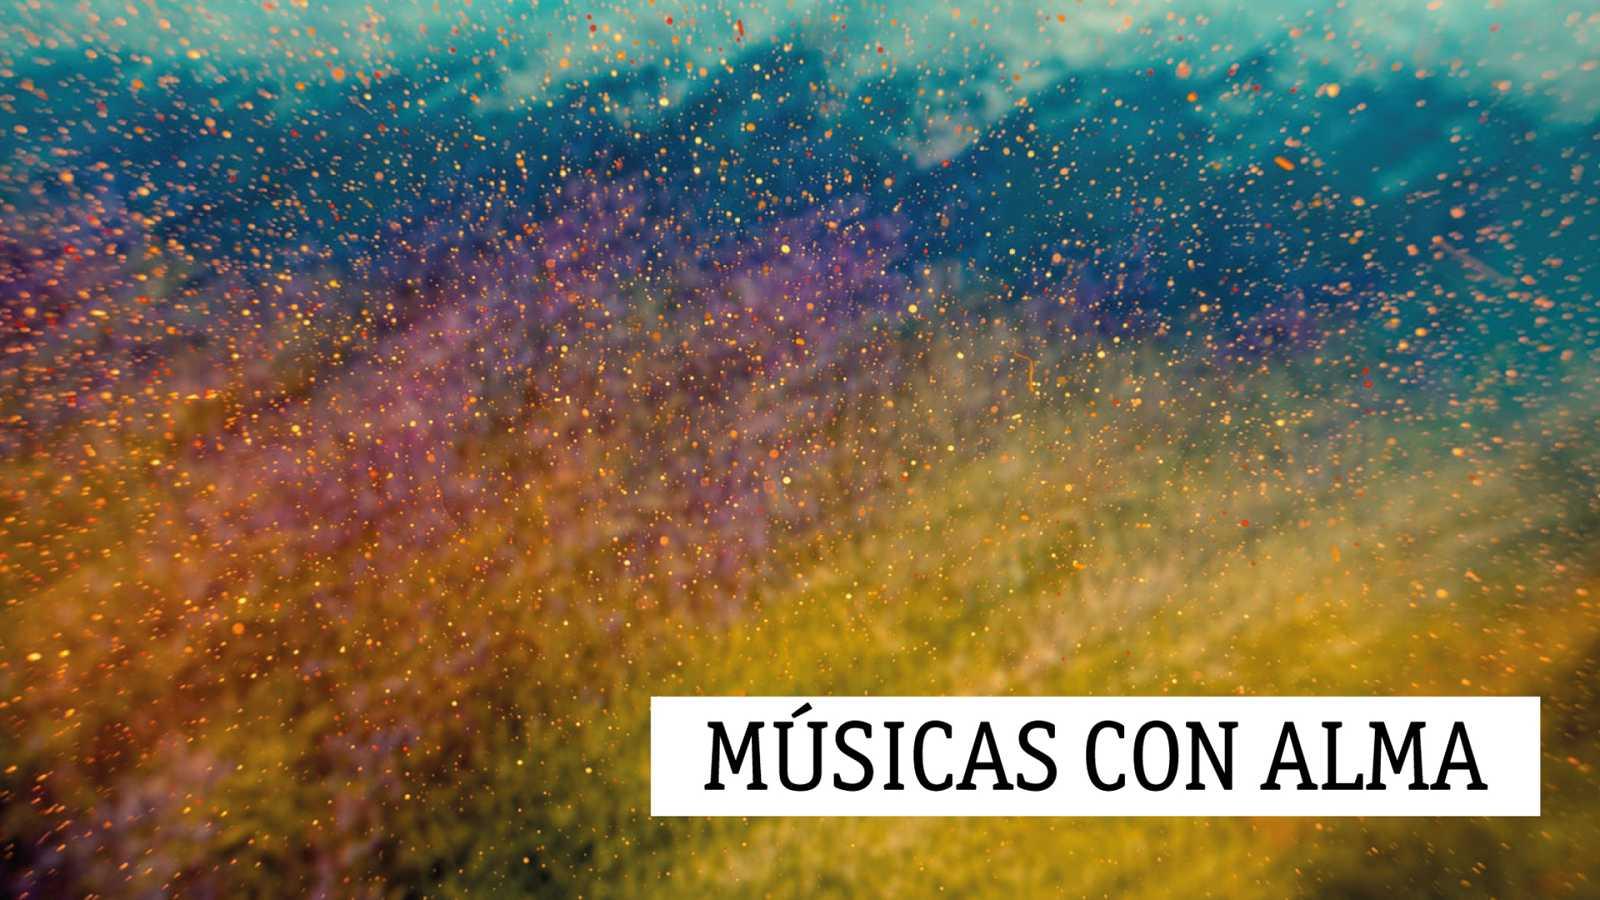 Músicas con alma - La creatividad - 12/06/20 - escuchar ahora